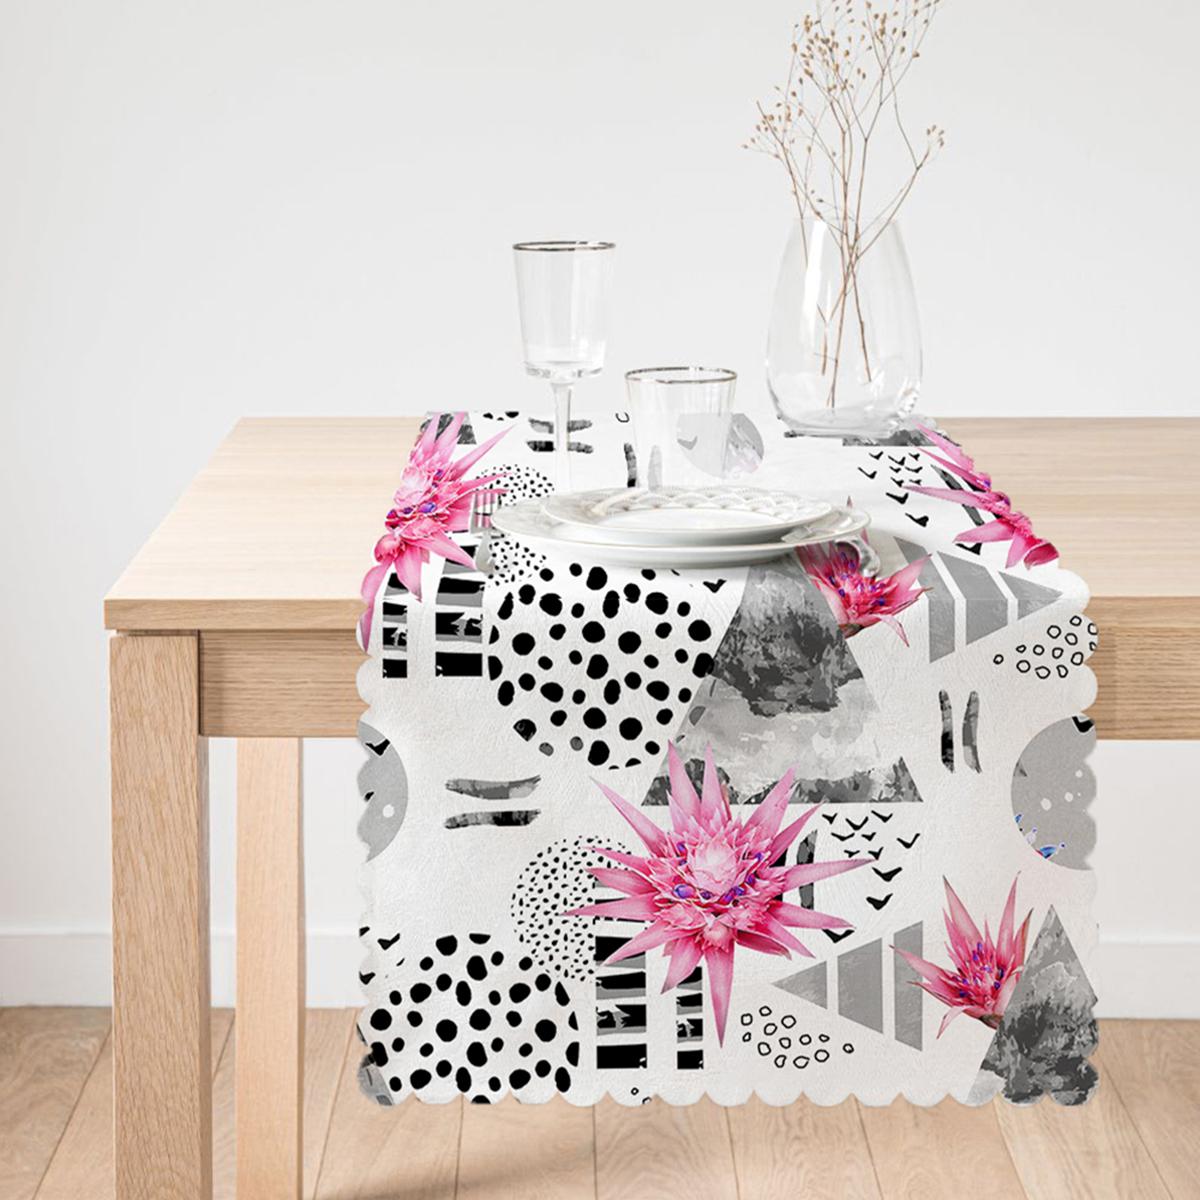 Bal Peteği Temalı Nilüfer Çiçeği Motifli Dekoratif Runner Realhomes